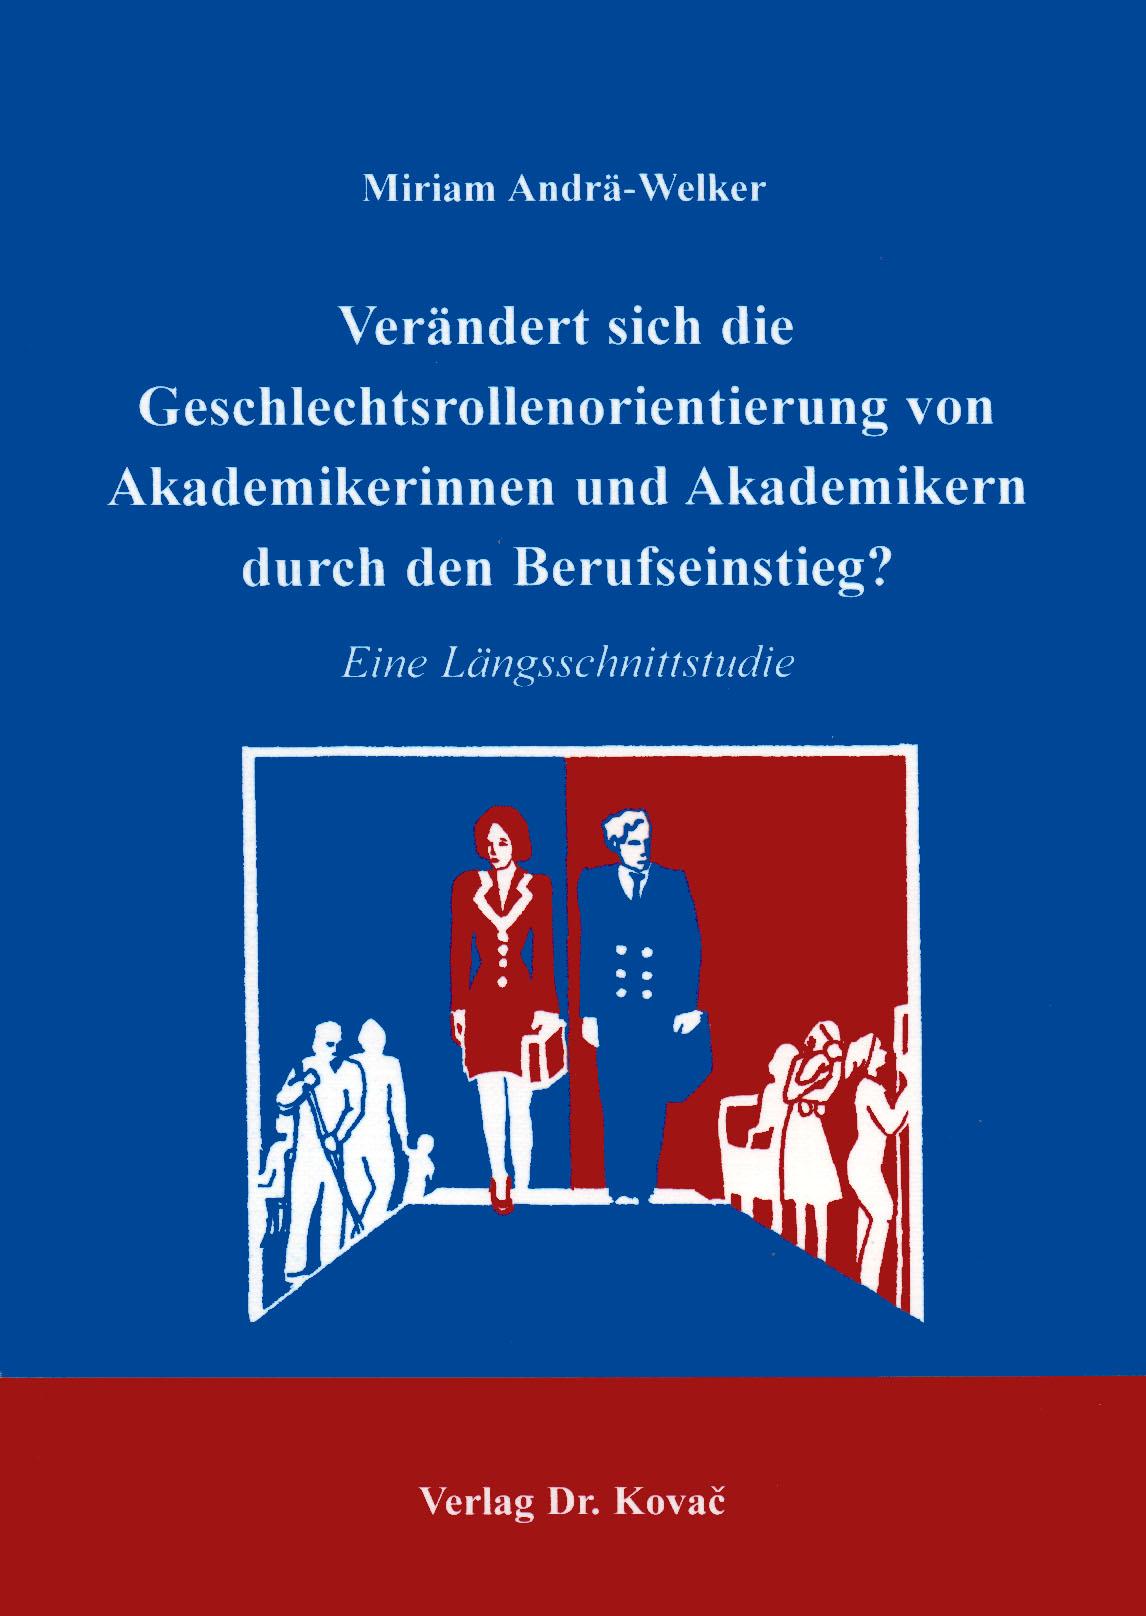 Cover: Verändert sich die Geschlechtsrollenorientierung von Akademikerinnen und Akademikern durch den Berufseinstieg?